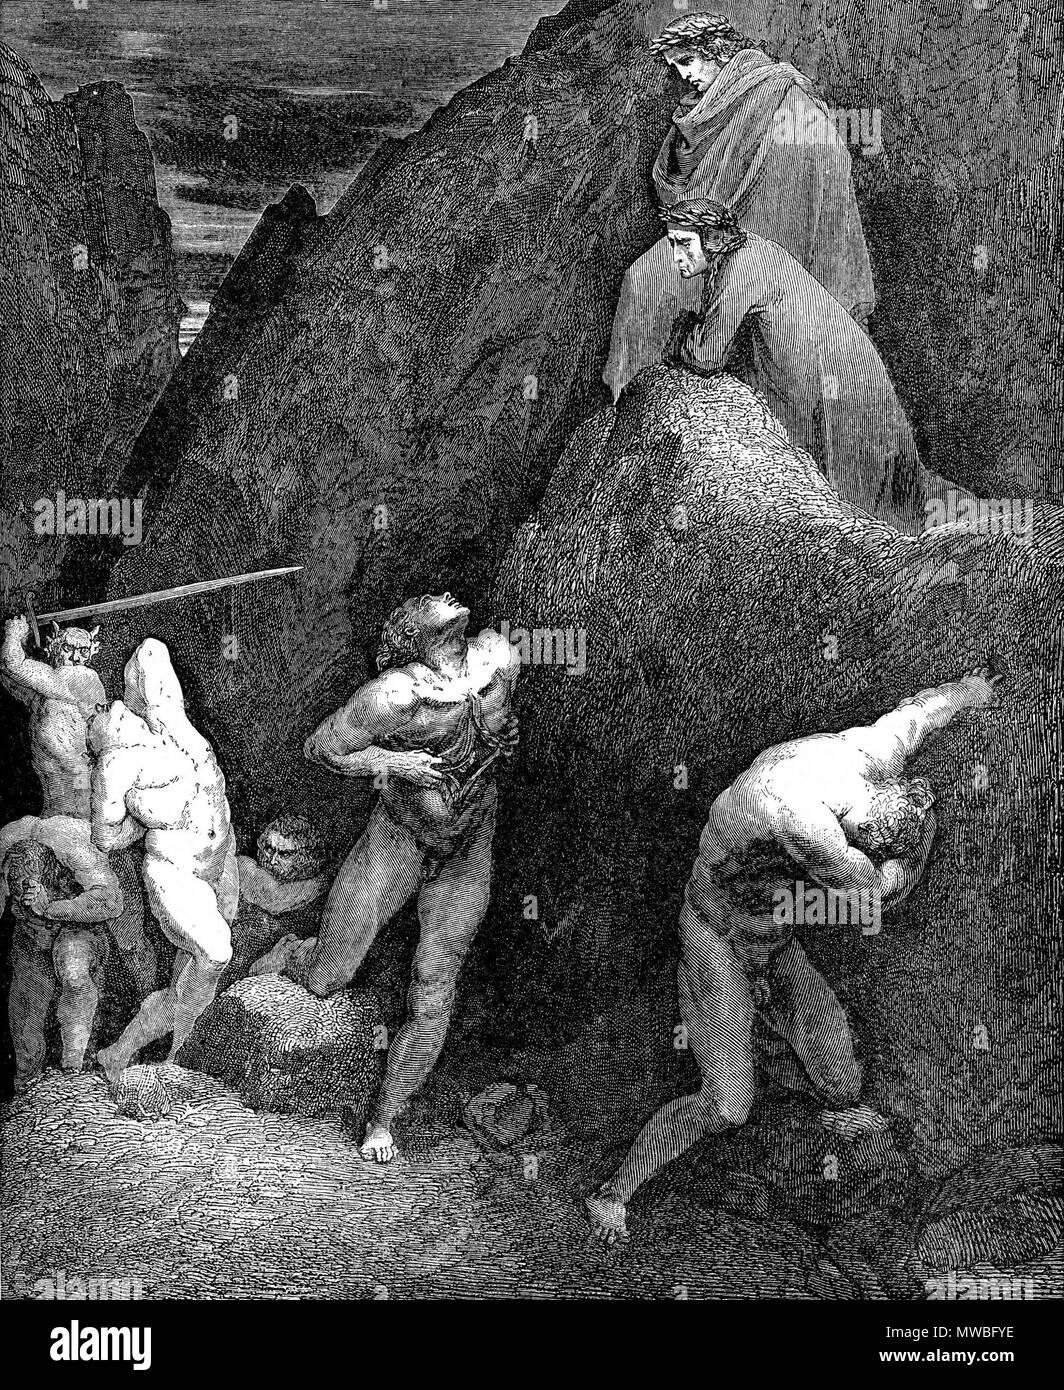 Pluto Und Virgil Dante Alighieri Art Hölle Gravur Gustave Golden 1861